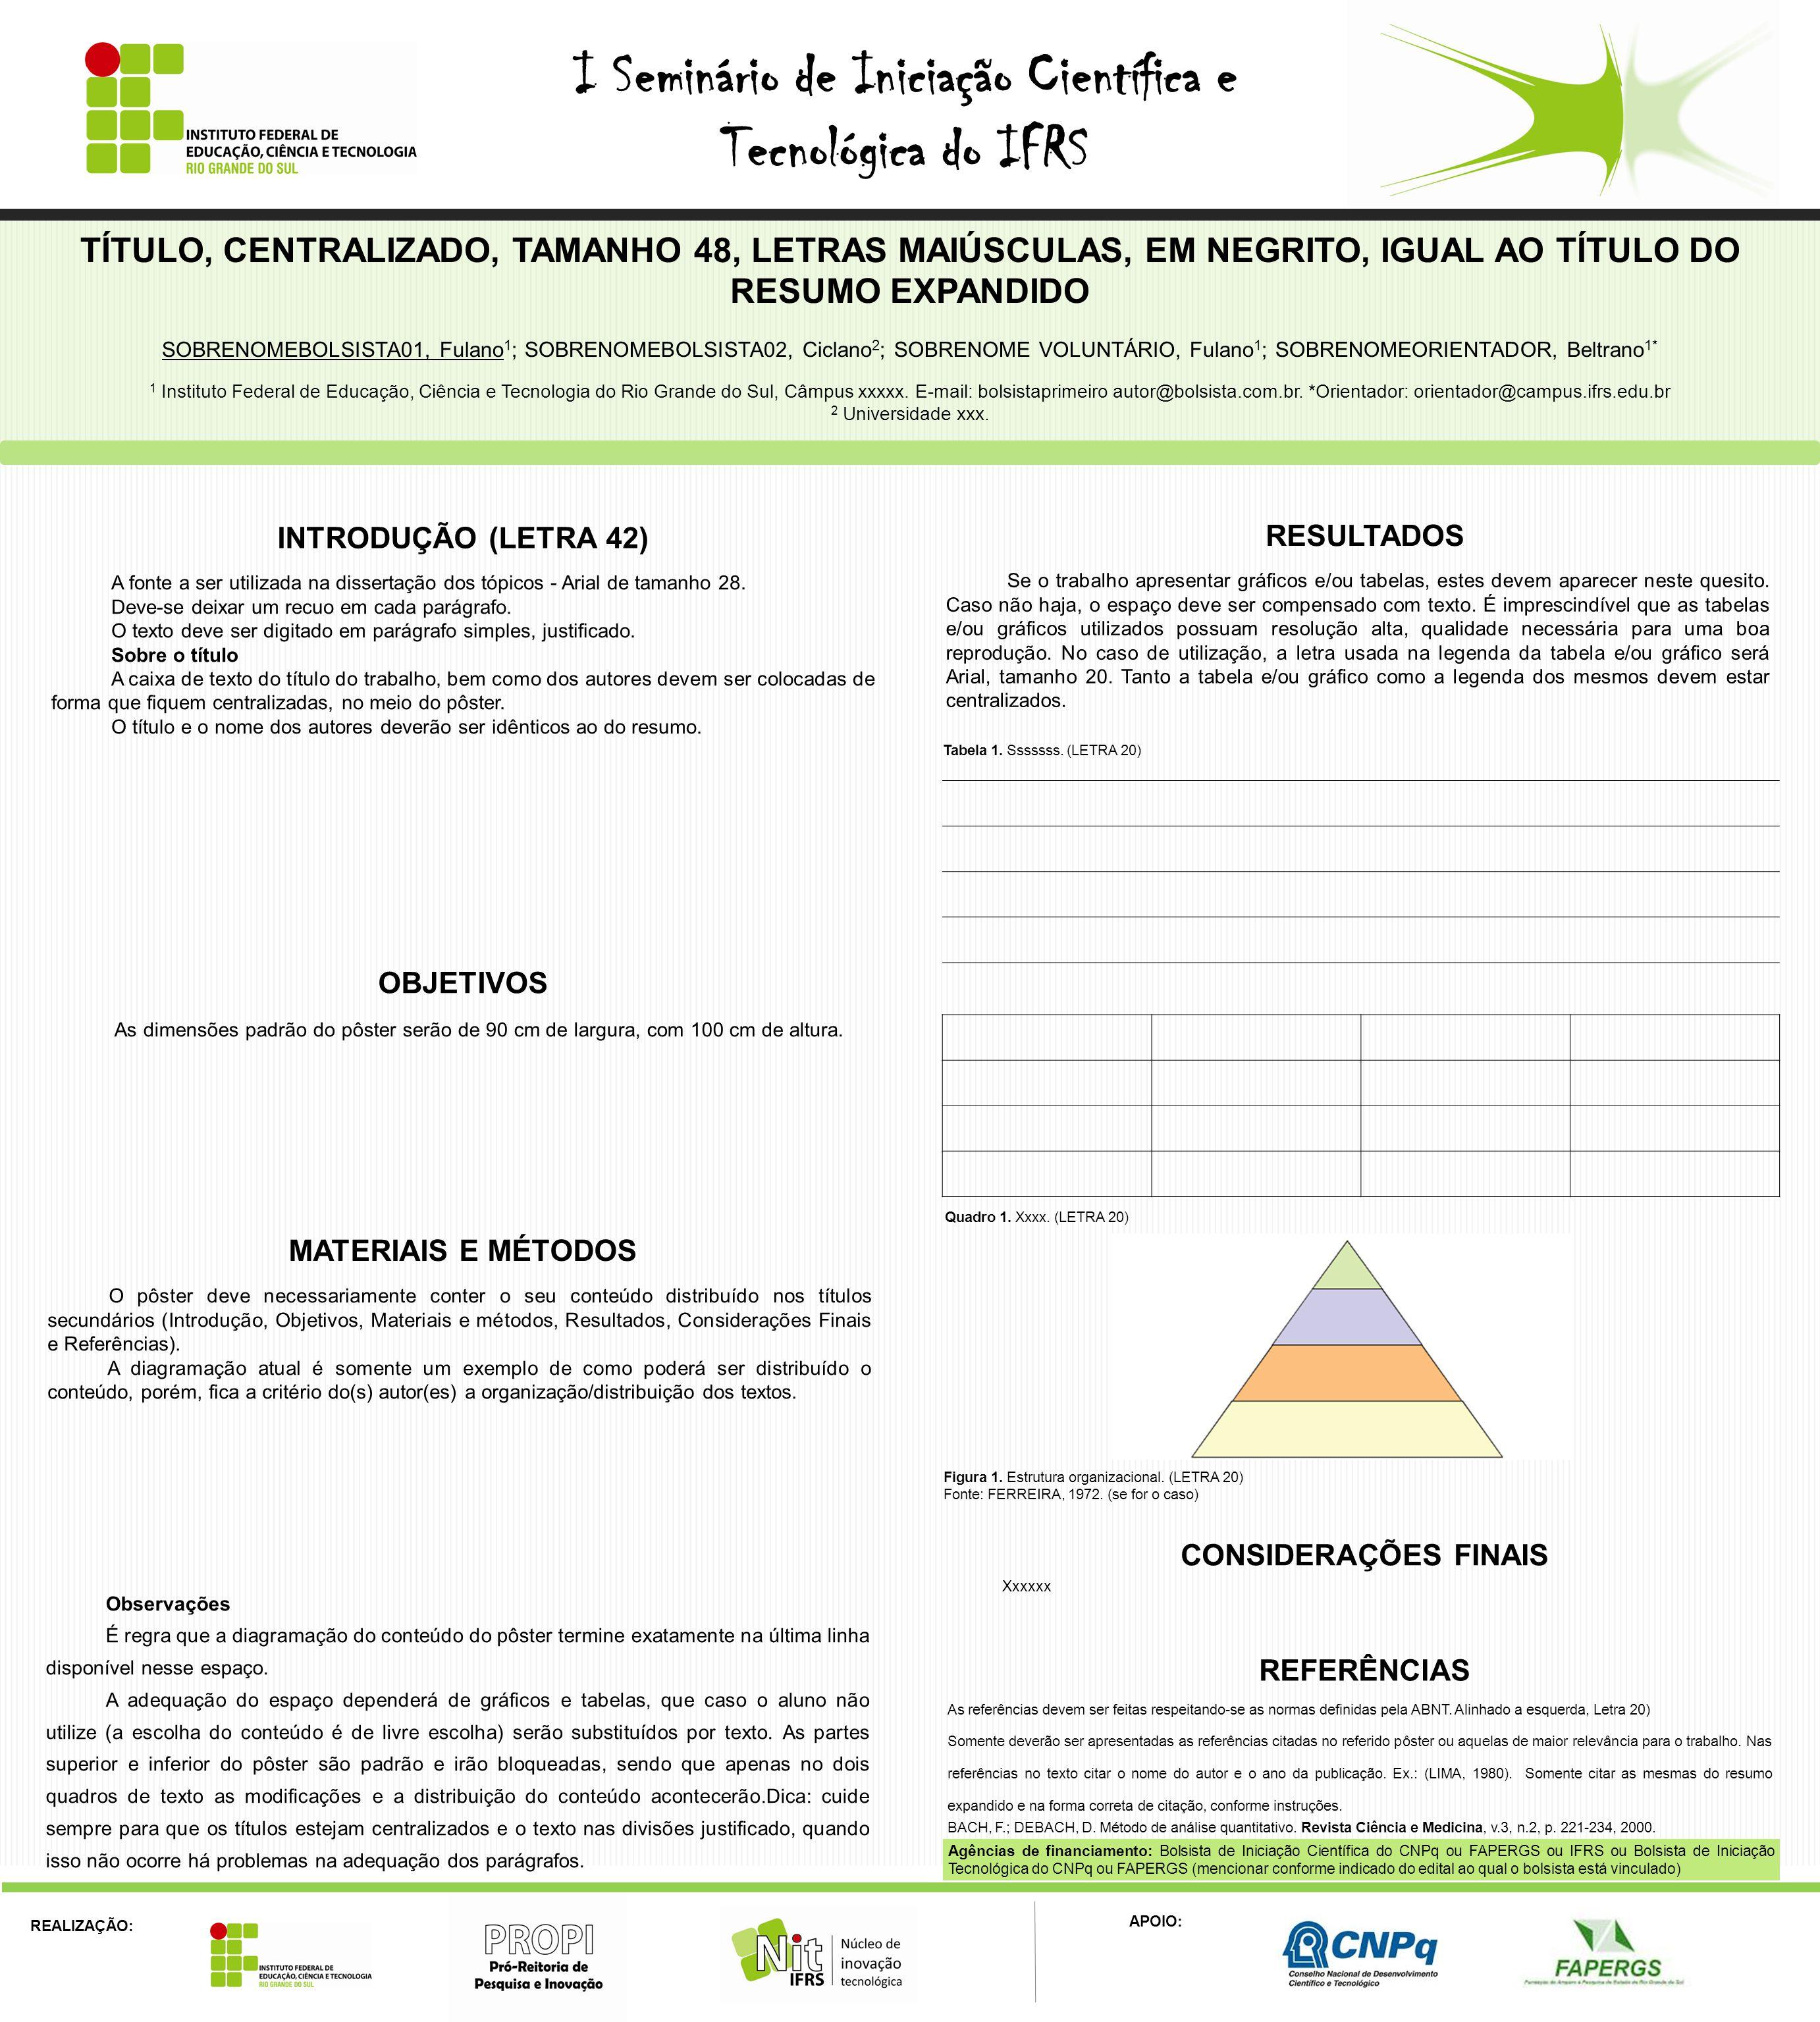 REALIZAÇÃO: APOIO: I Seminário de Iniciação Científica e Tecnológica do IFRS As referências devem ser feitas respeitando-se as normas definidas pela A